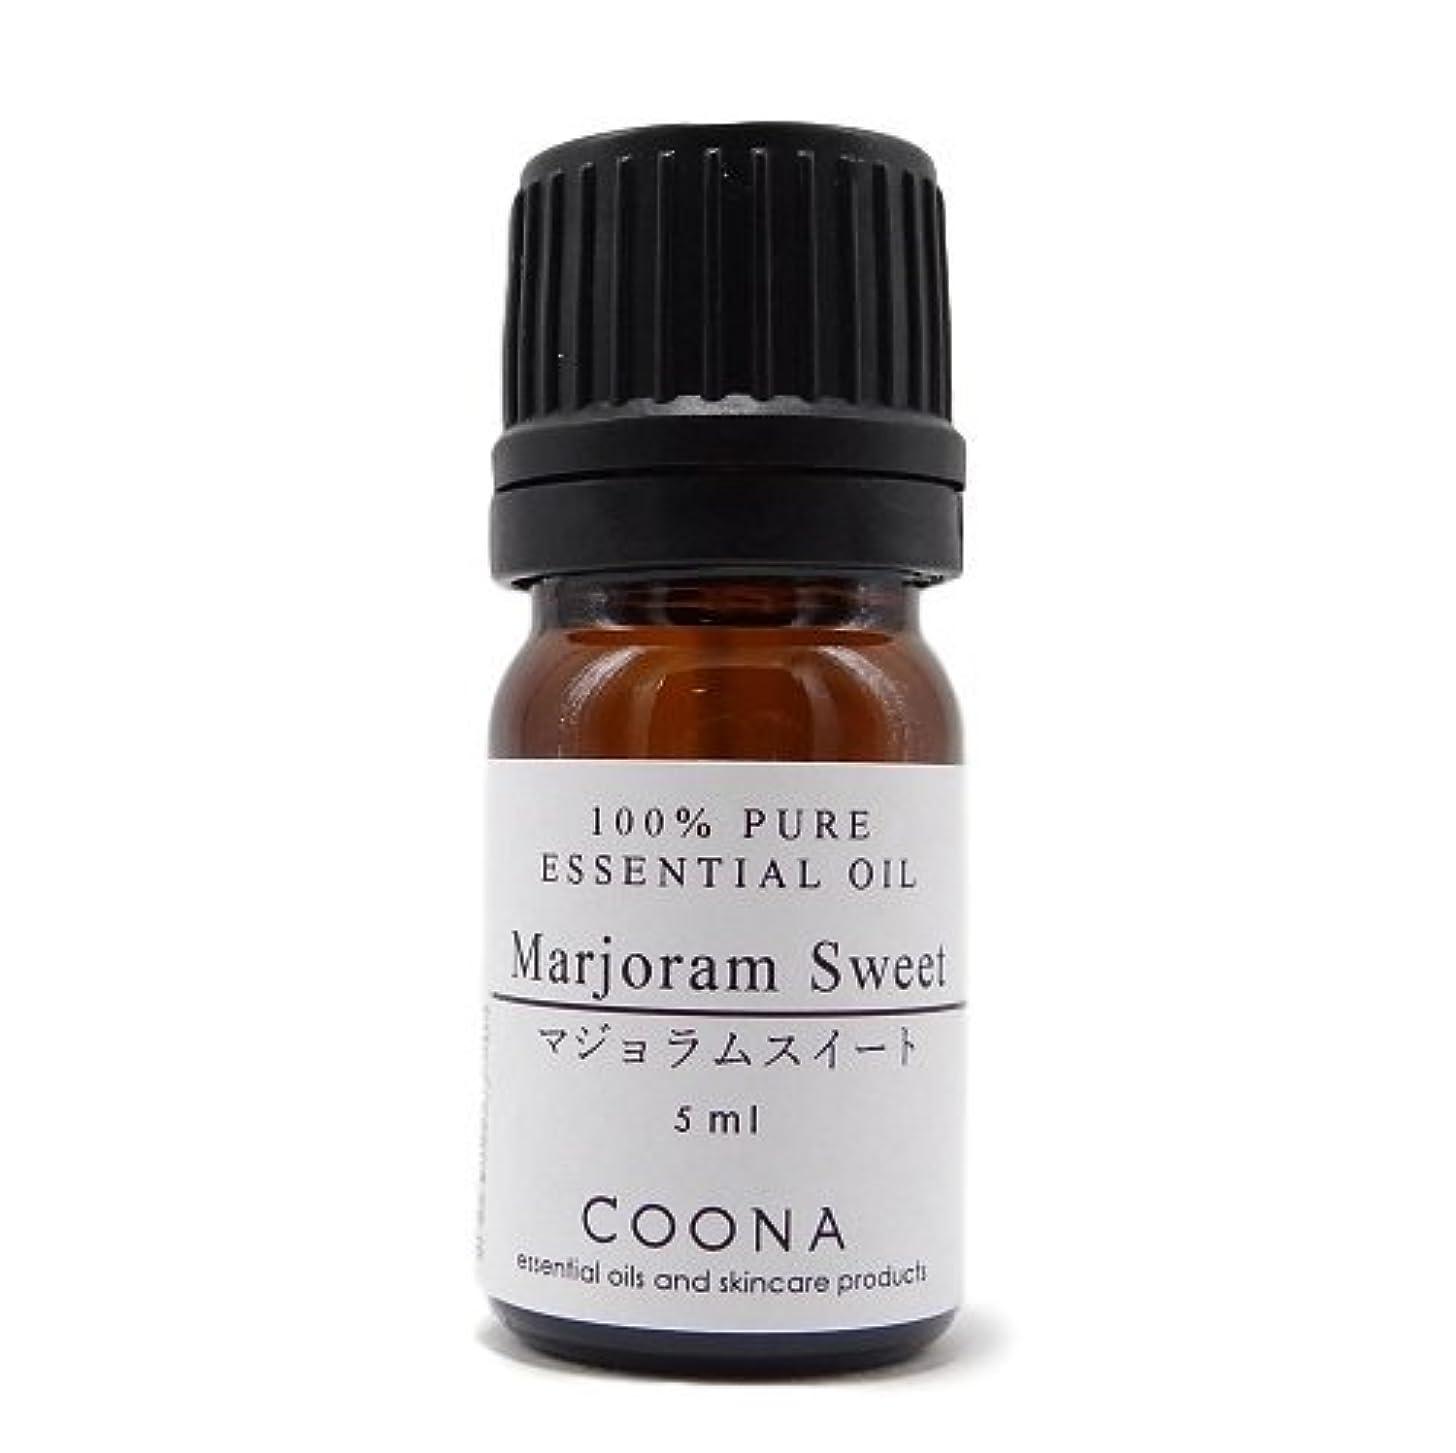 メディック商人匿名マジョラム スイート 5 ml (COONA エッセンシャルオイル アロマオイル 100%天然植物精油)